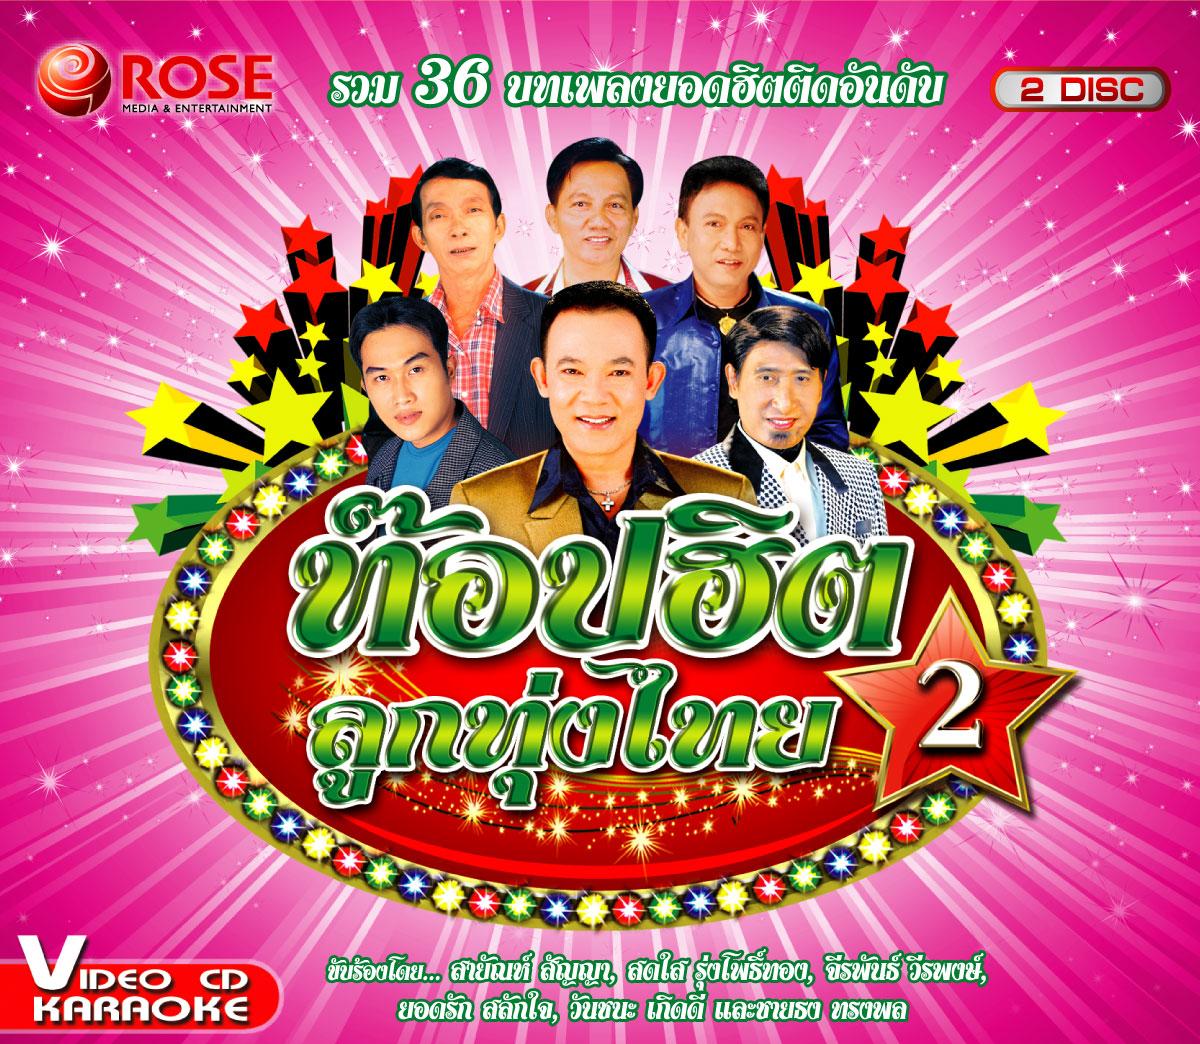 VCD36 เพลง ท๊อปฮิตลูกทุ่งไทย 2 (สายัณห์ สดใส วันชนะ ยอดรัก ชายธง จีรพันธ์)